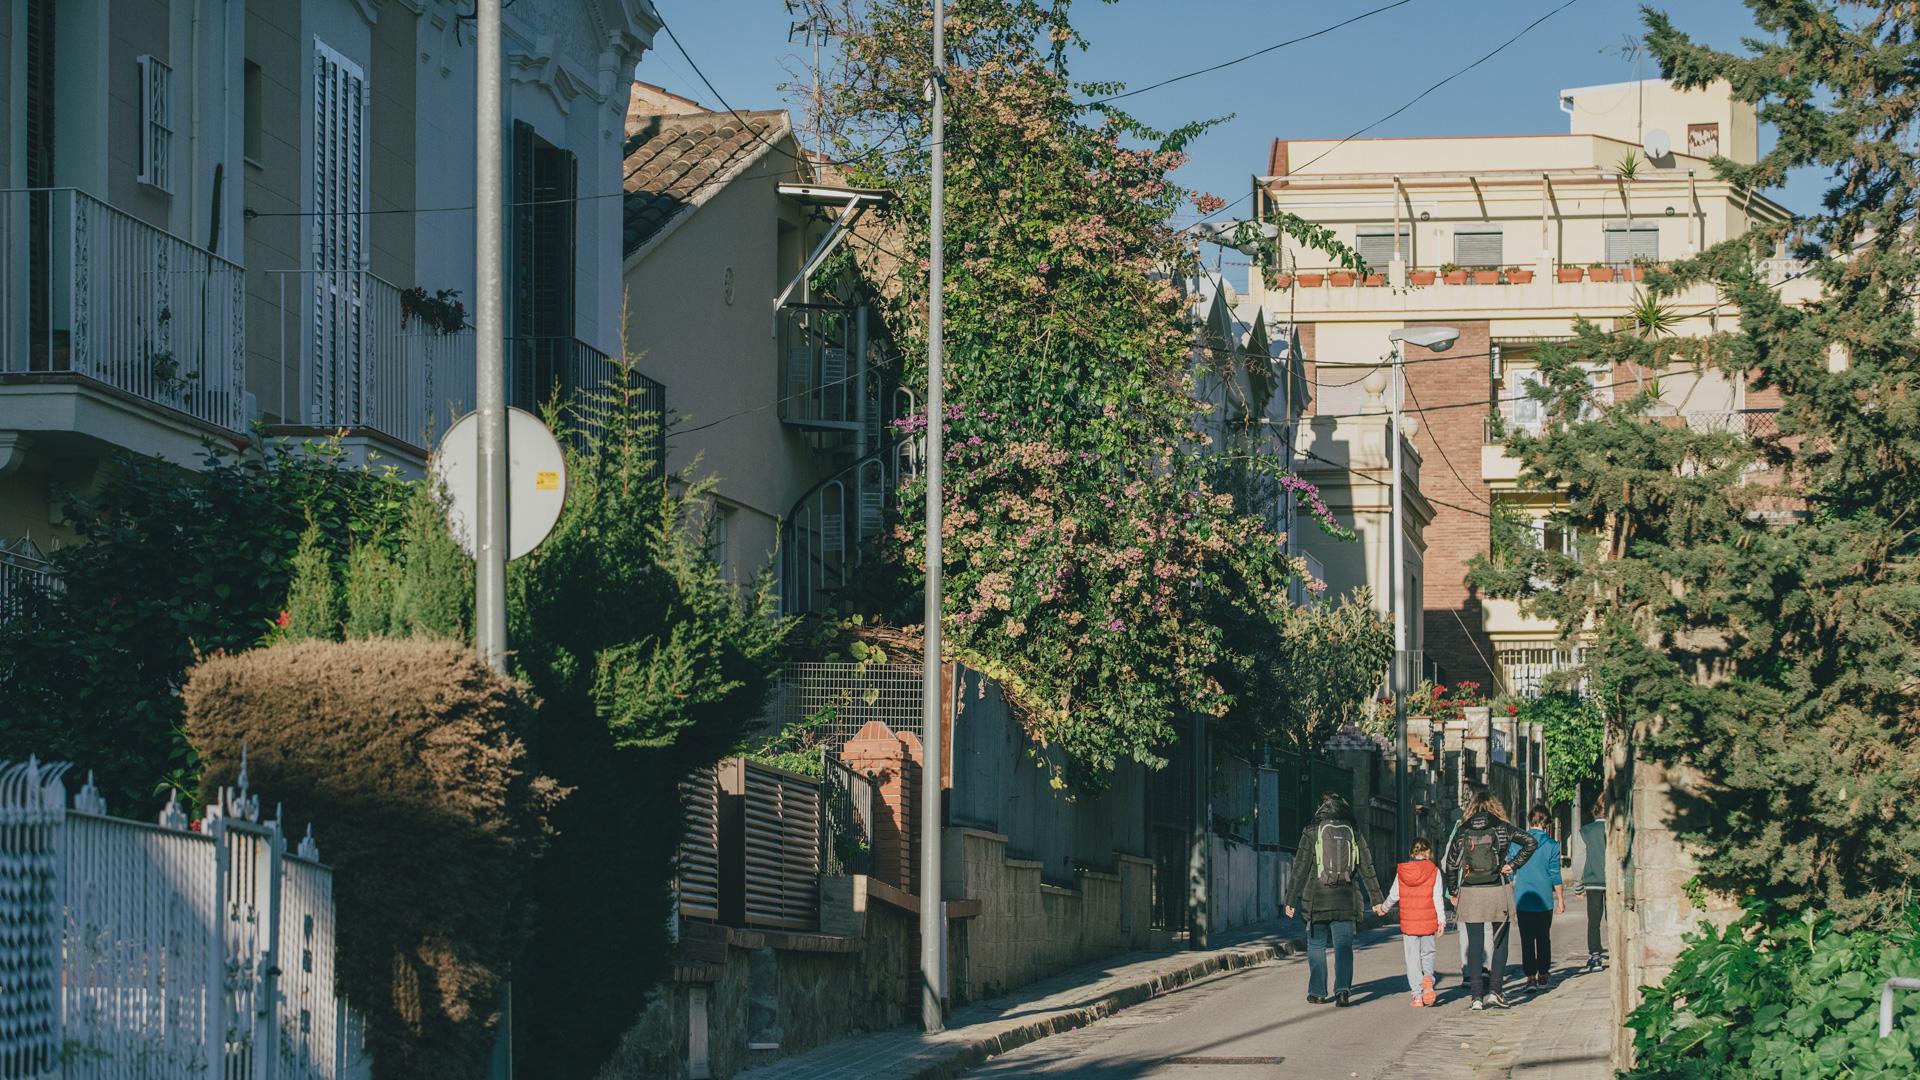 imatge del barri de la Font de la Guatlla